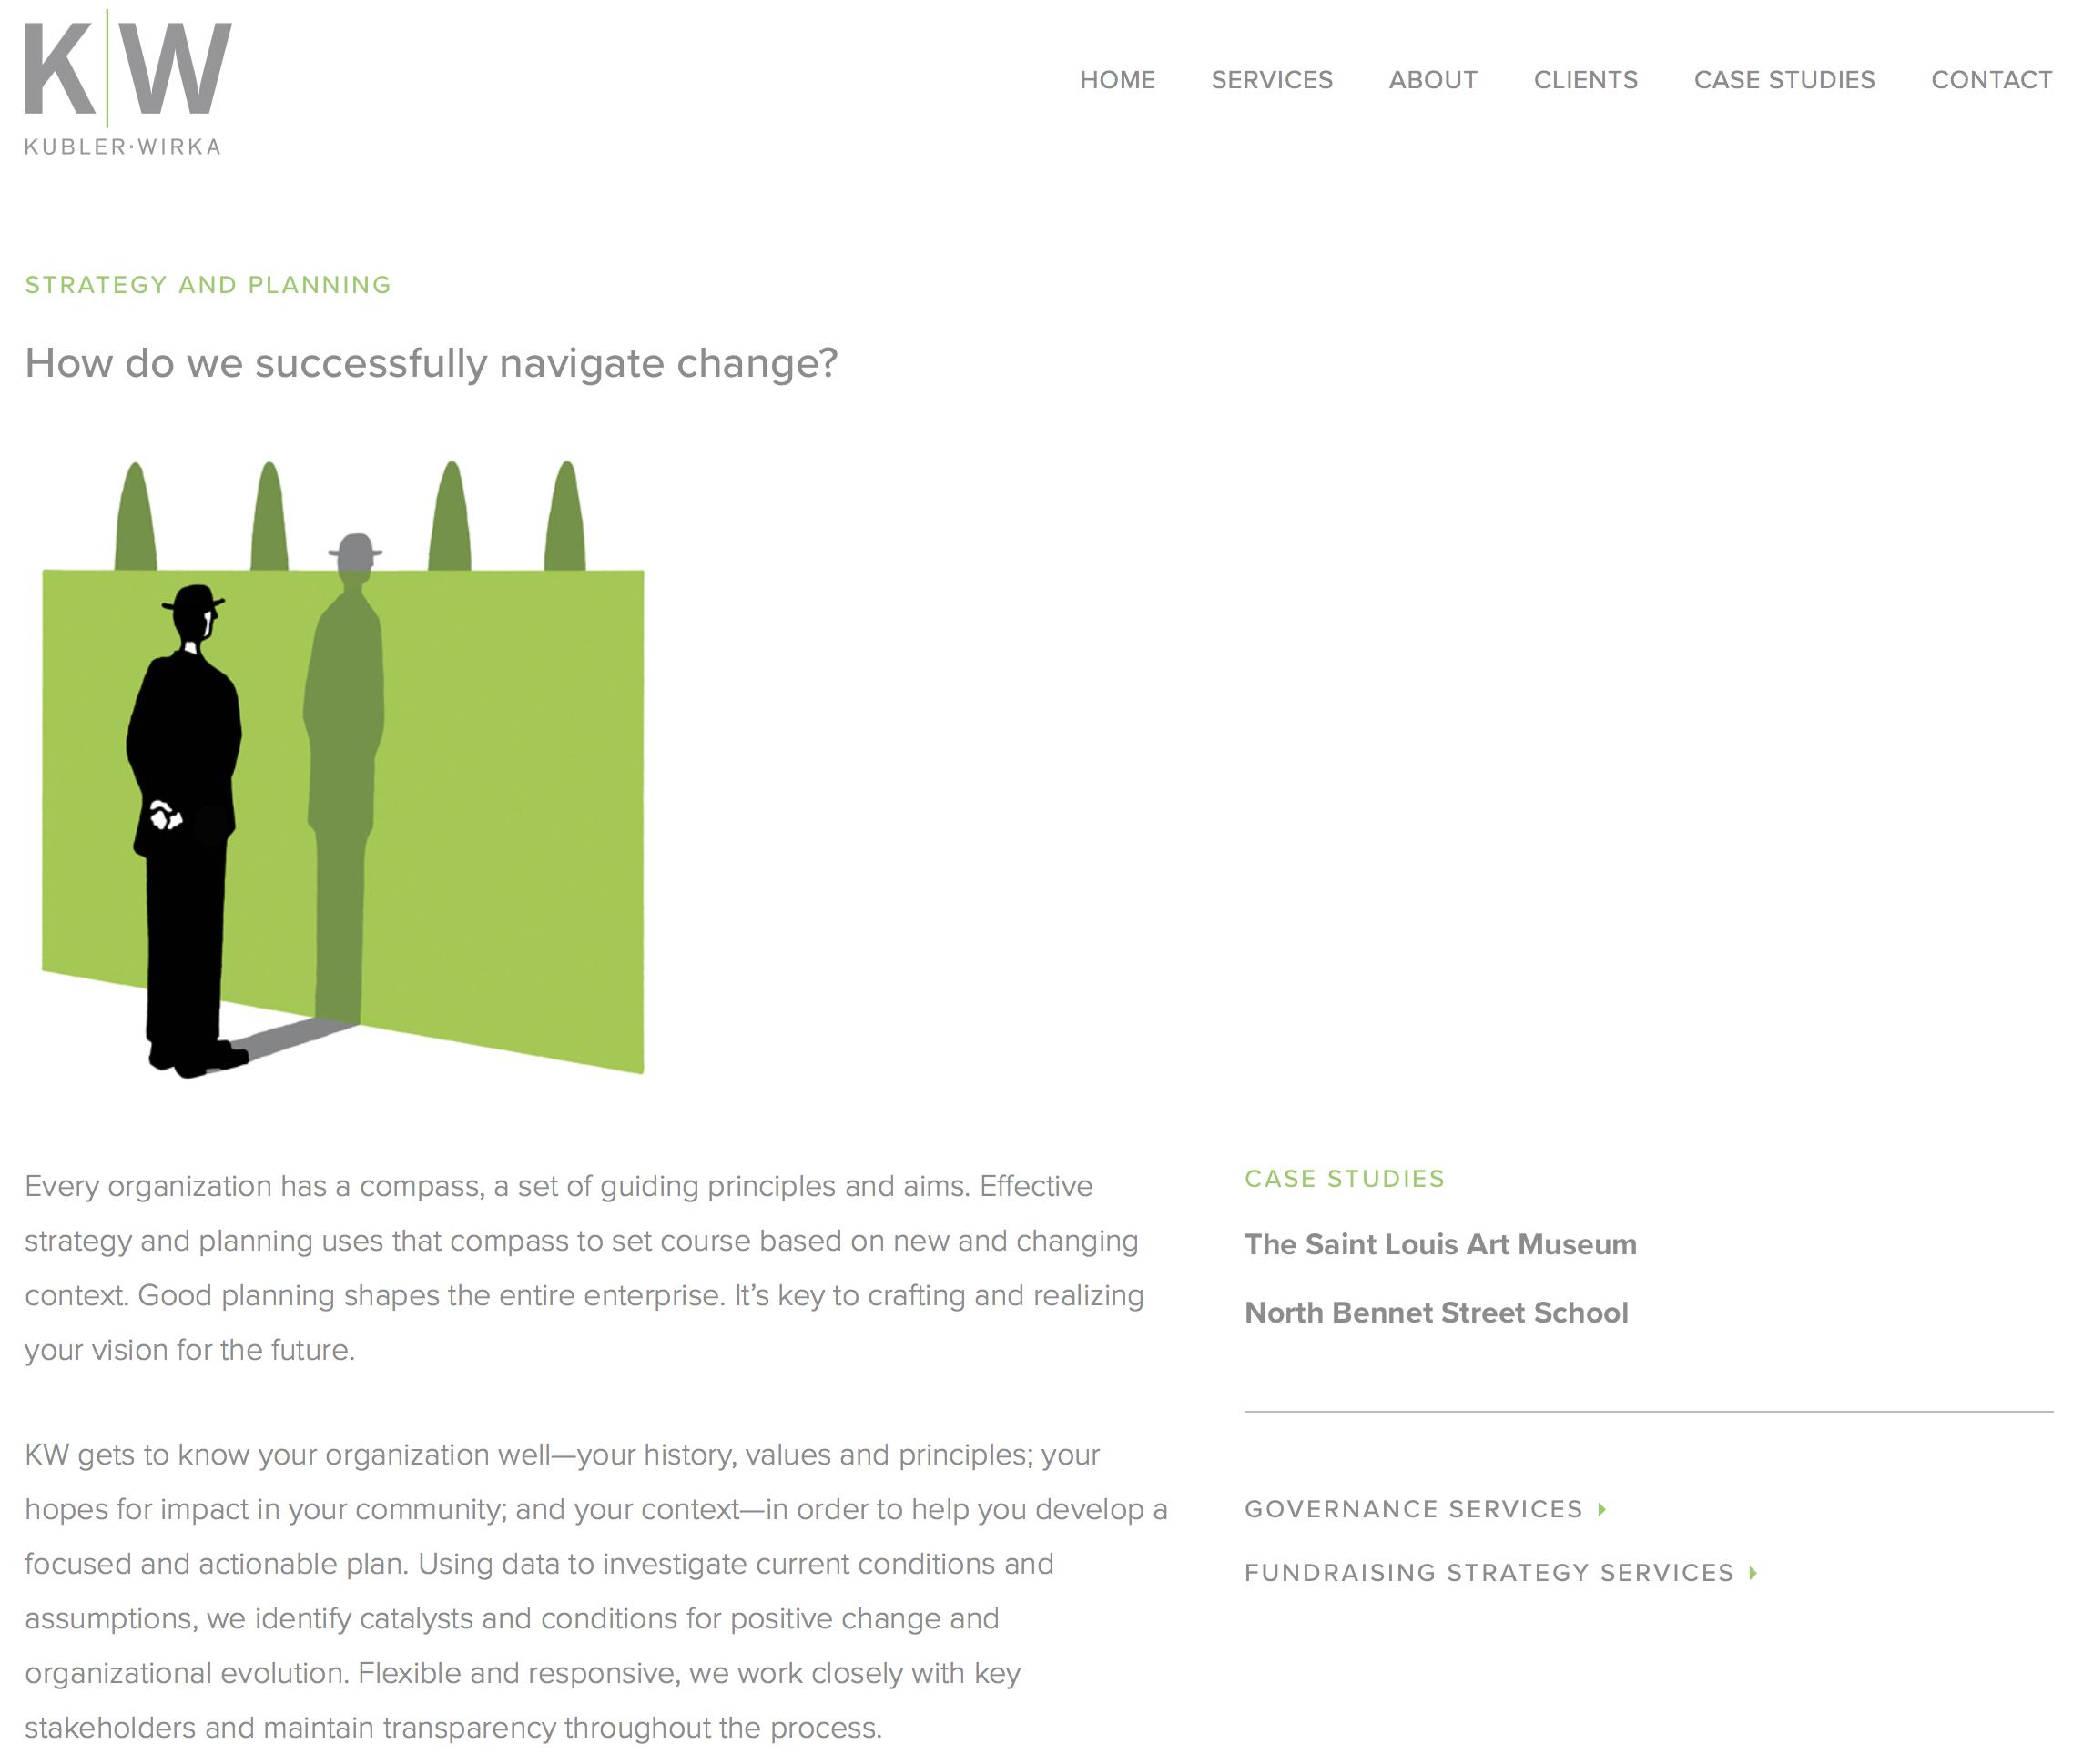 KW website